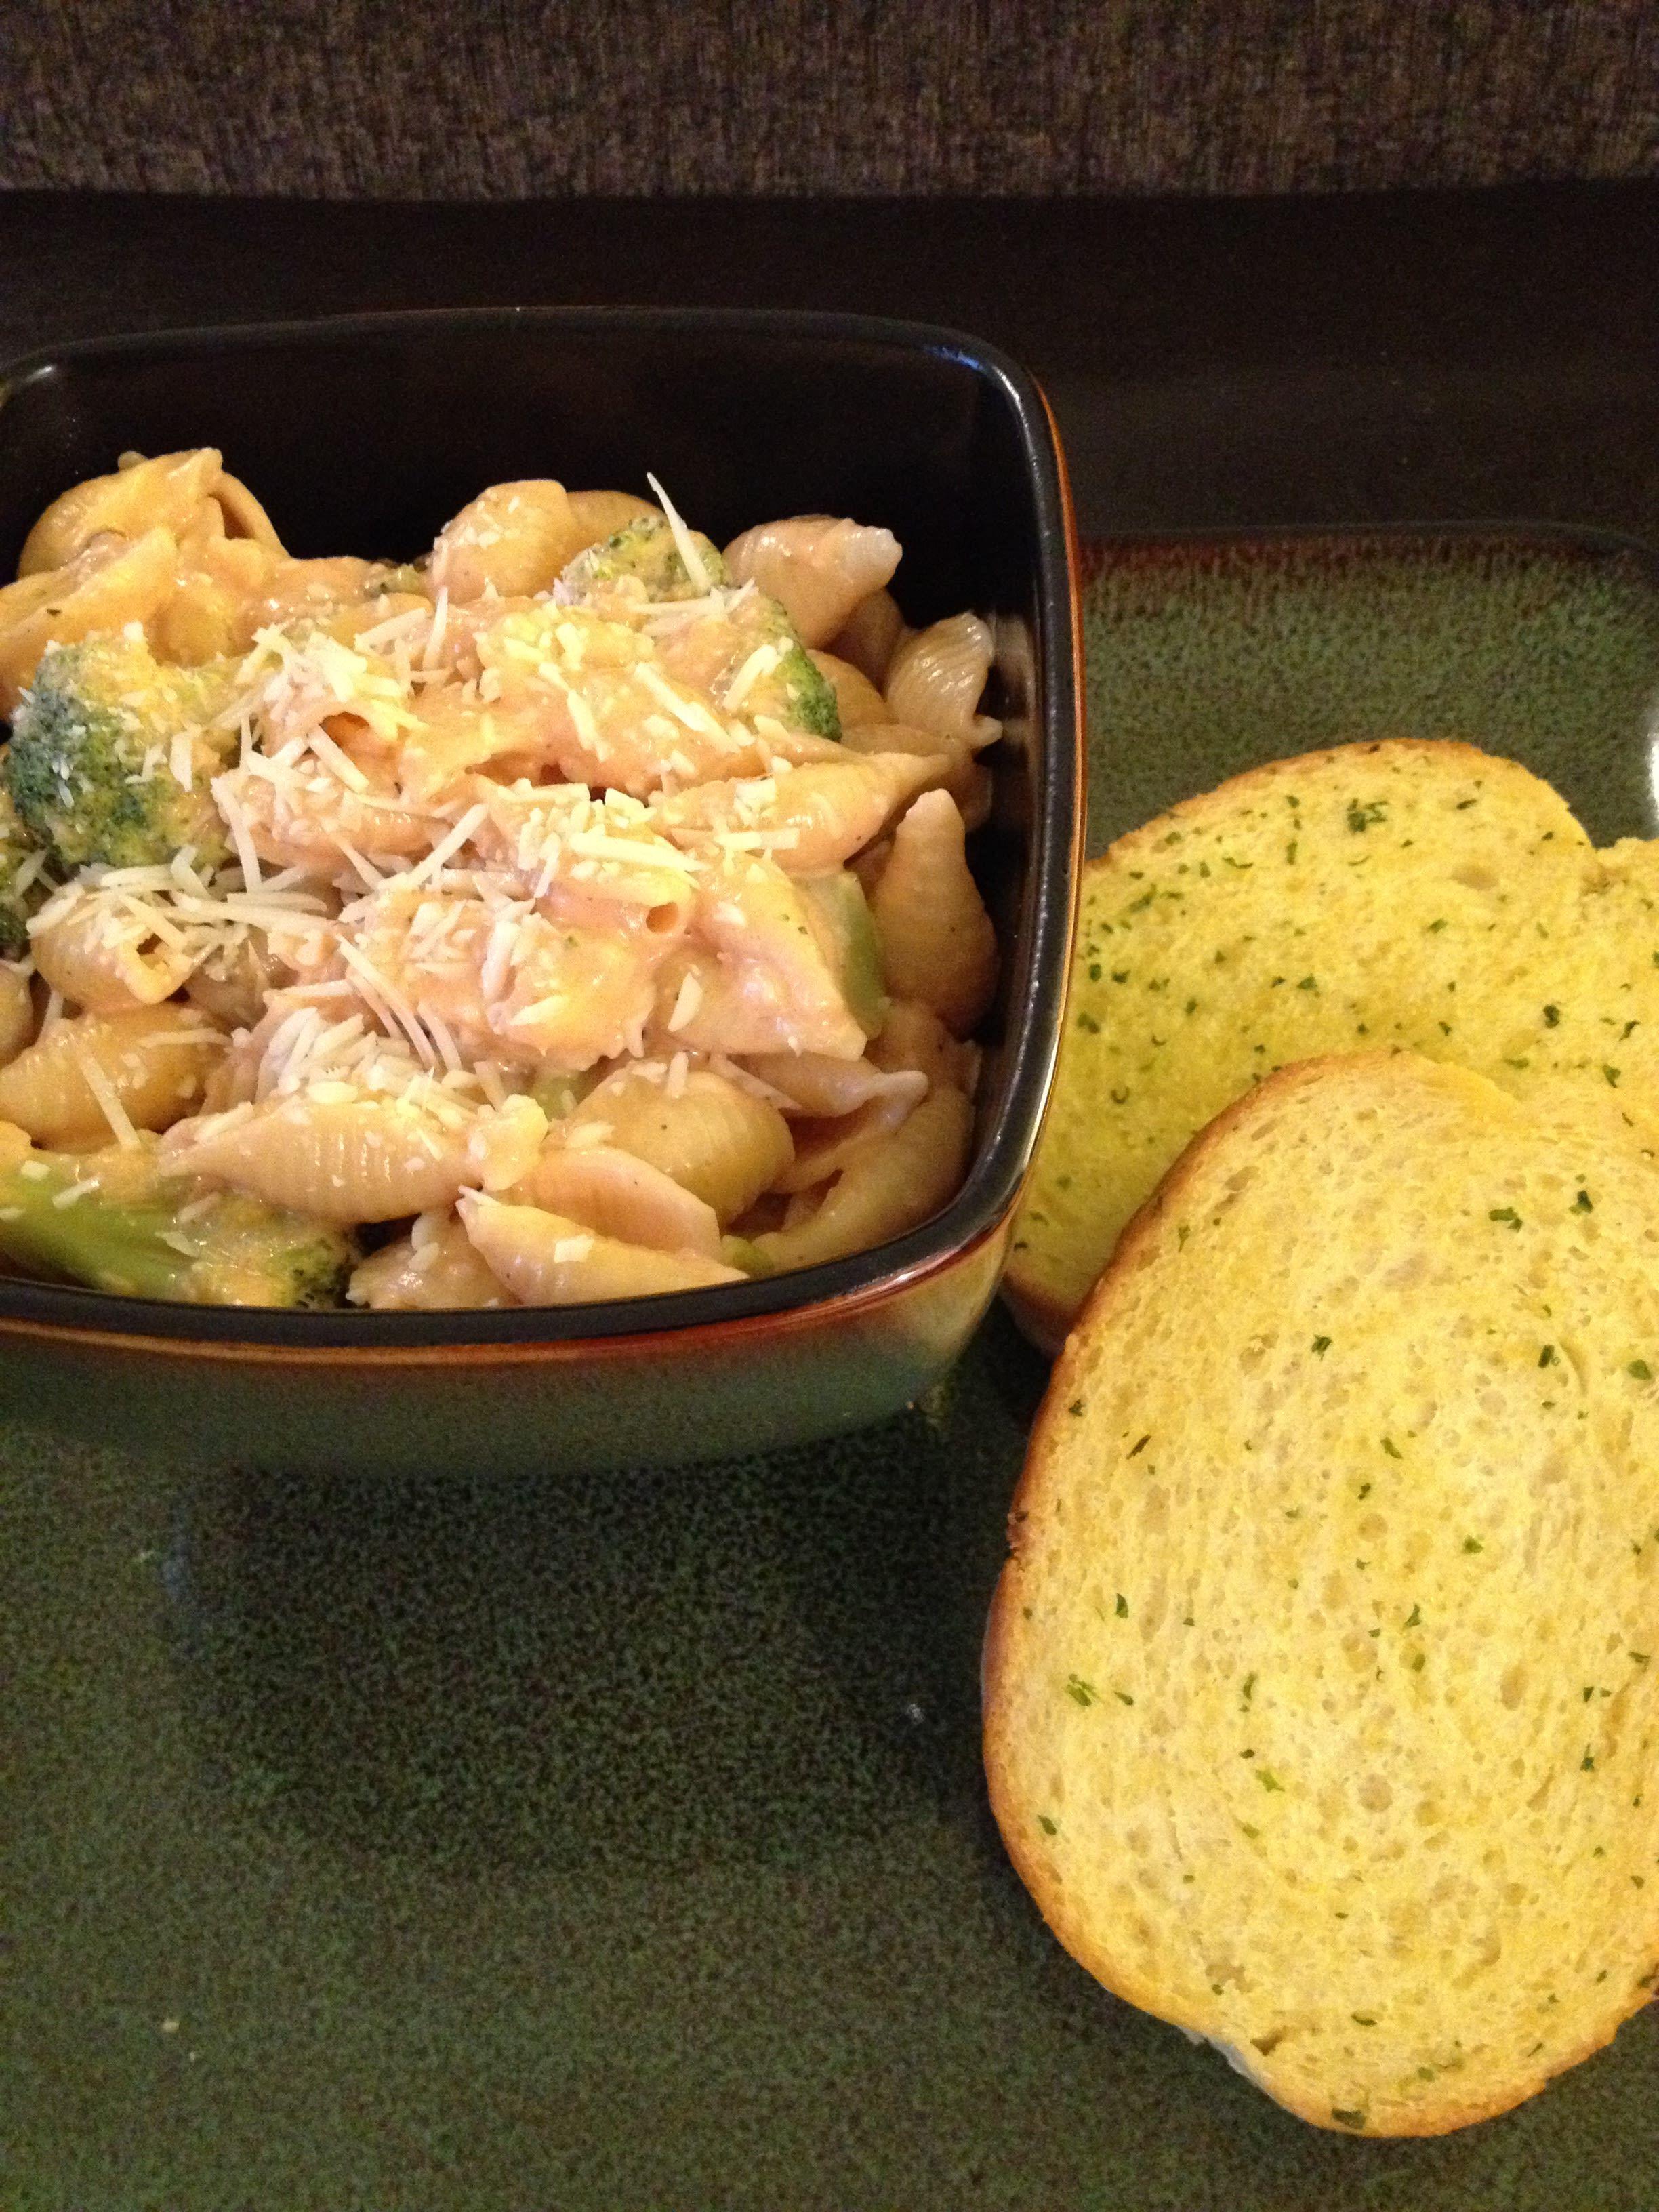 Pasta Con Broccoli Recipe - Food.com | Recipe | Broccoli recipes, Pasta con broccoli, Yummy ...